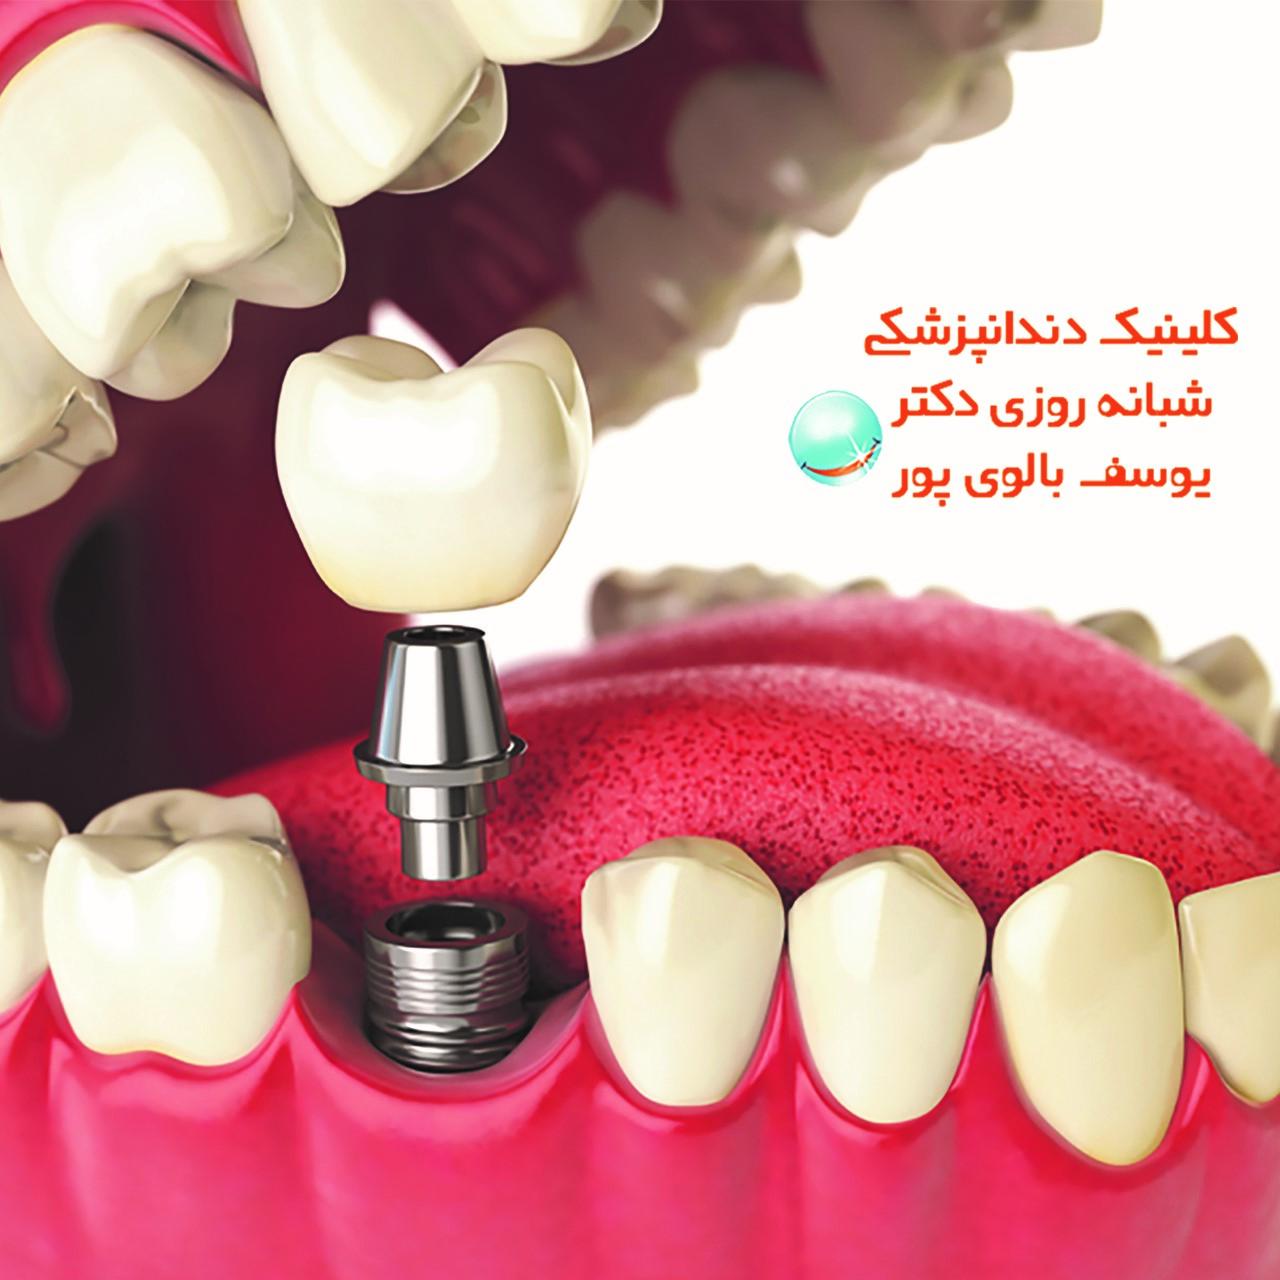 همه چیز درباره ی ایمپلنت و کامپوزیت دندان